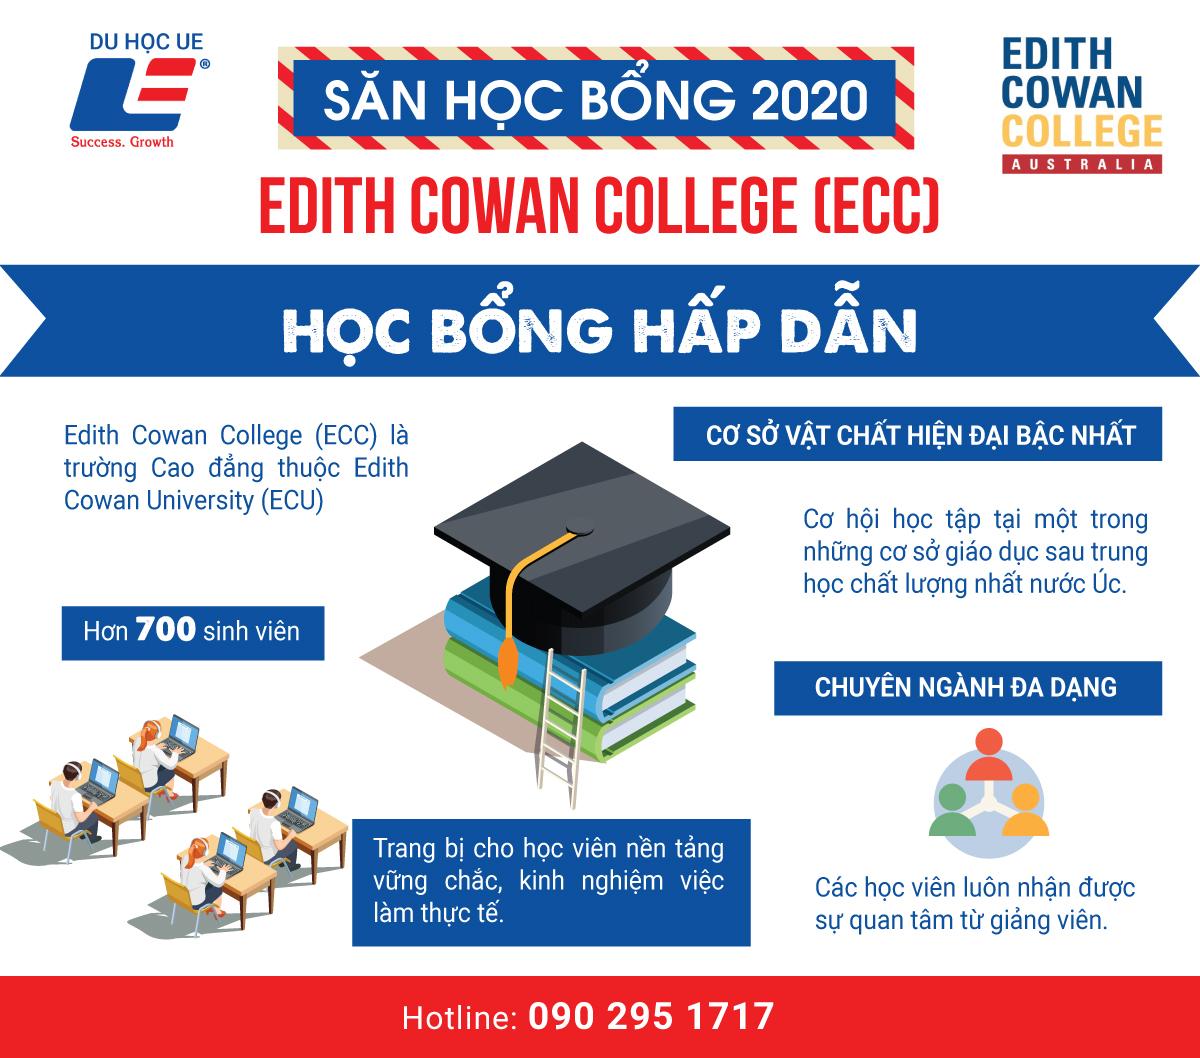 Học bổng Edith Cowan College (ECC) - Đường đến tương lai